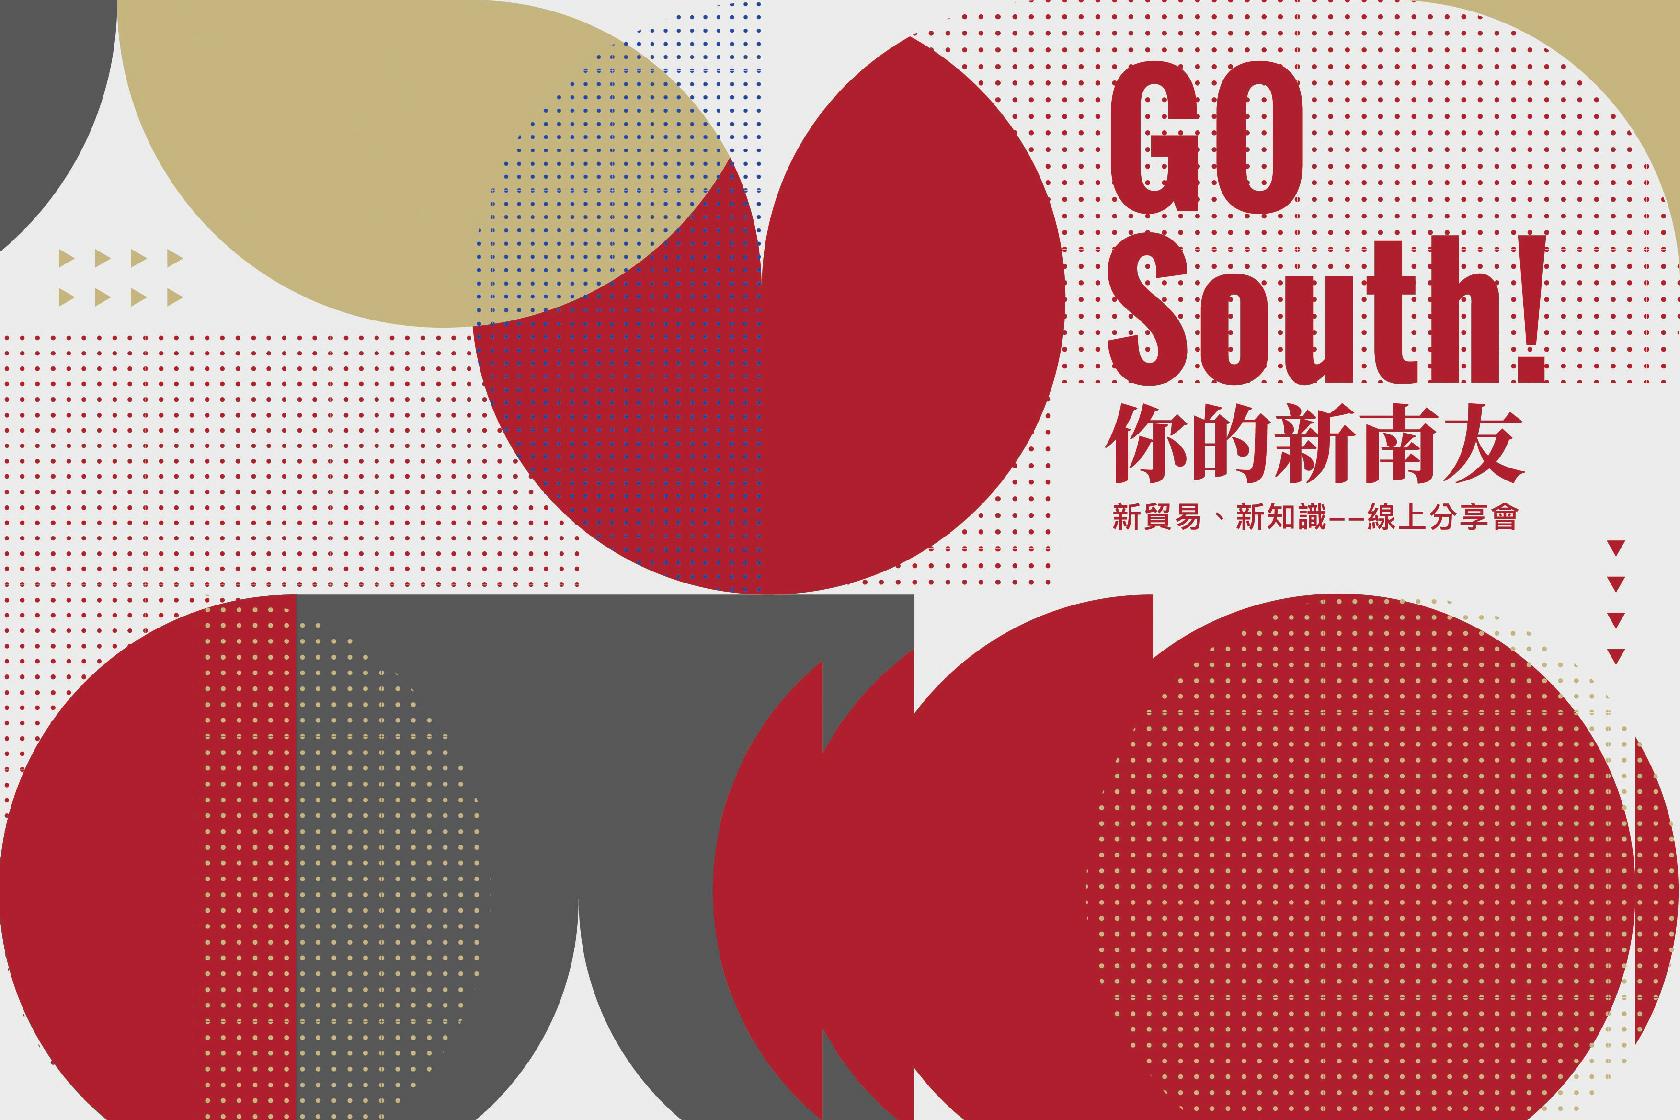 Go South!南向創新大無限「新貿易,新知識」系列線上分享會